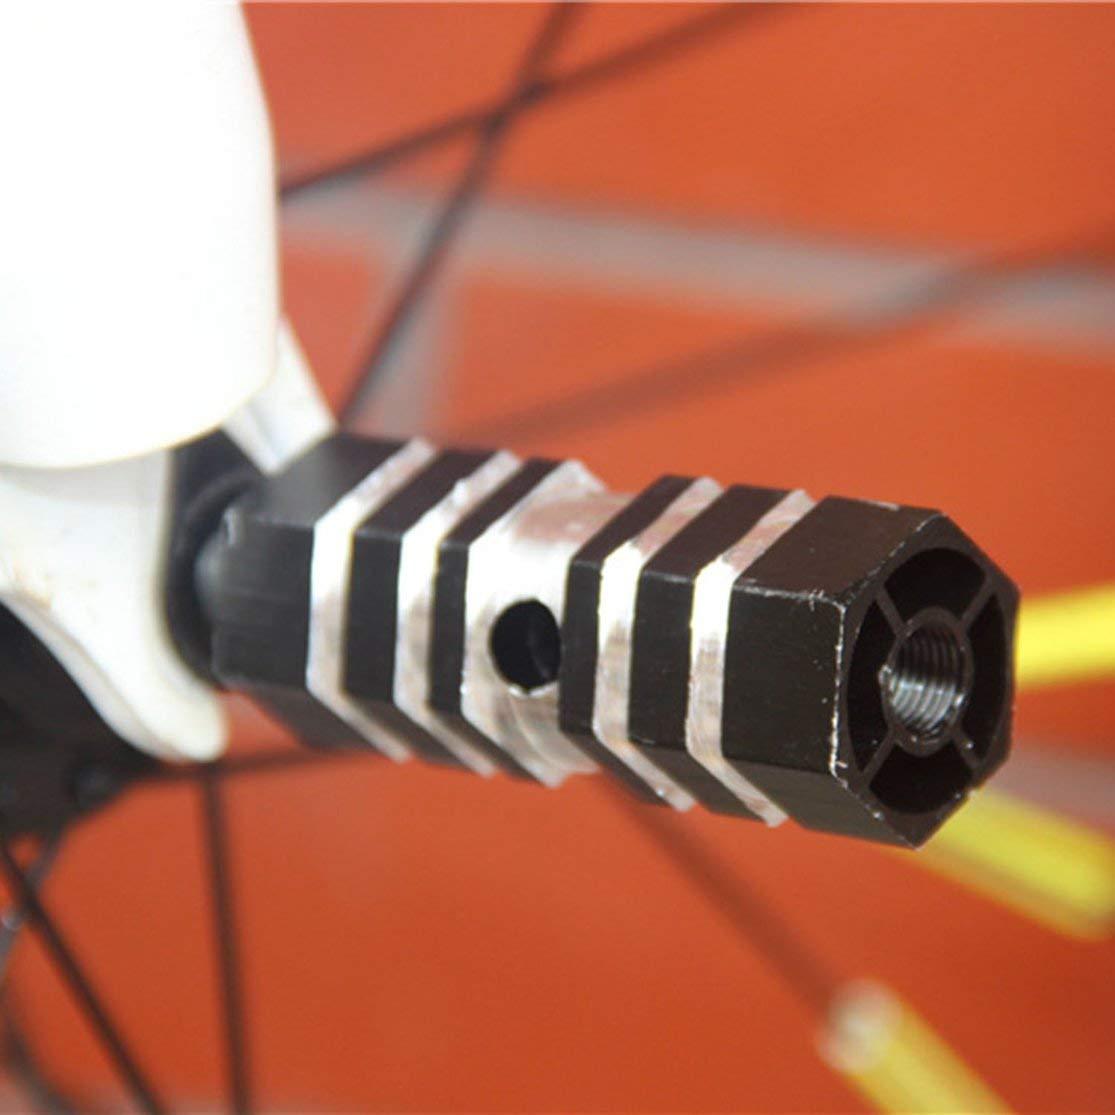 CHANNIKO-ES Soporte de pie de aleaci/ón de Bicicletas Stunt Pegs 2 UNIDS Mountain Road Bicicleta Rueda Trasera Eje Cilindro Pedal Accesorios de Bicicleta